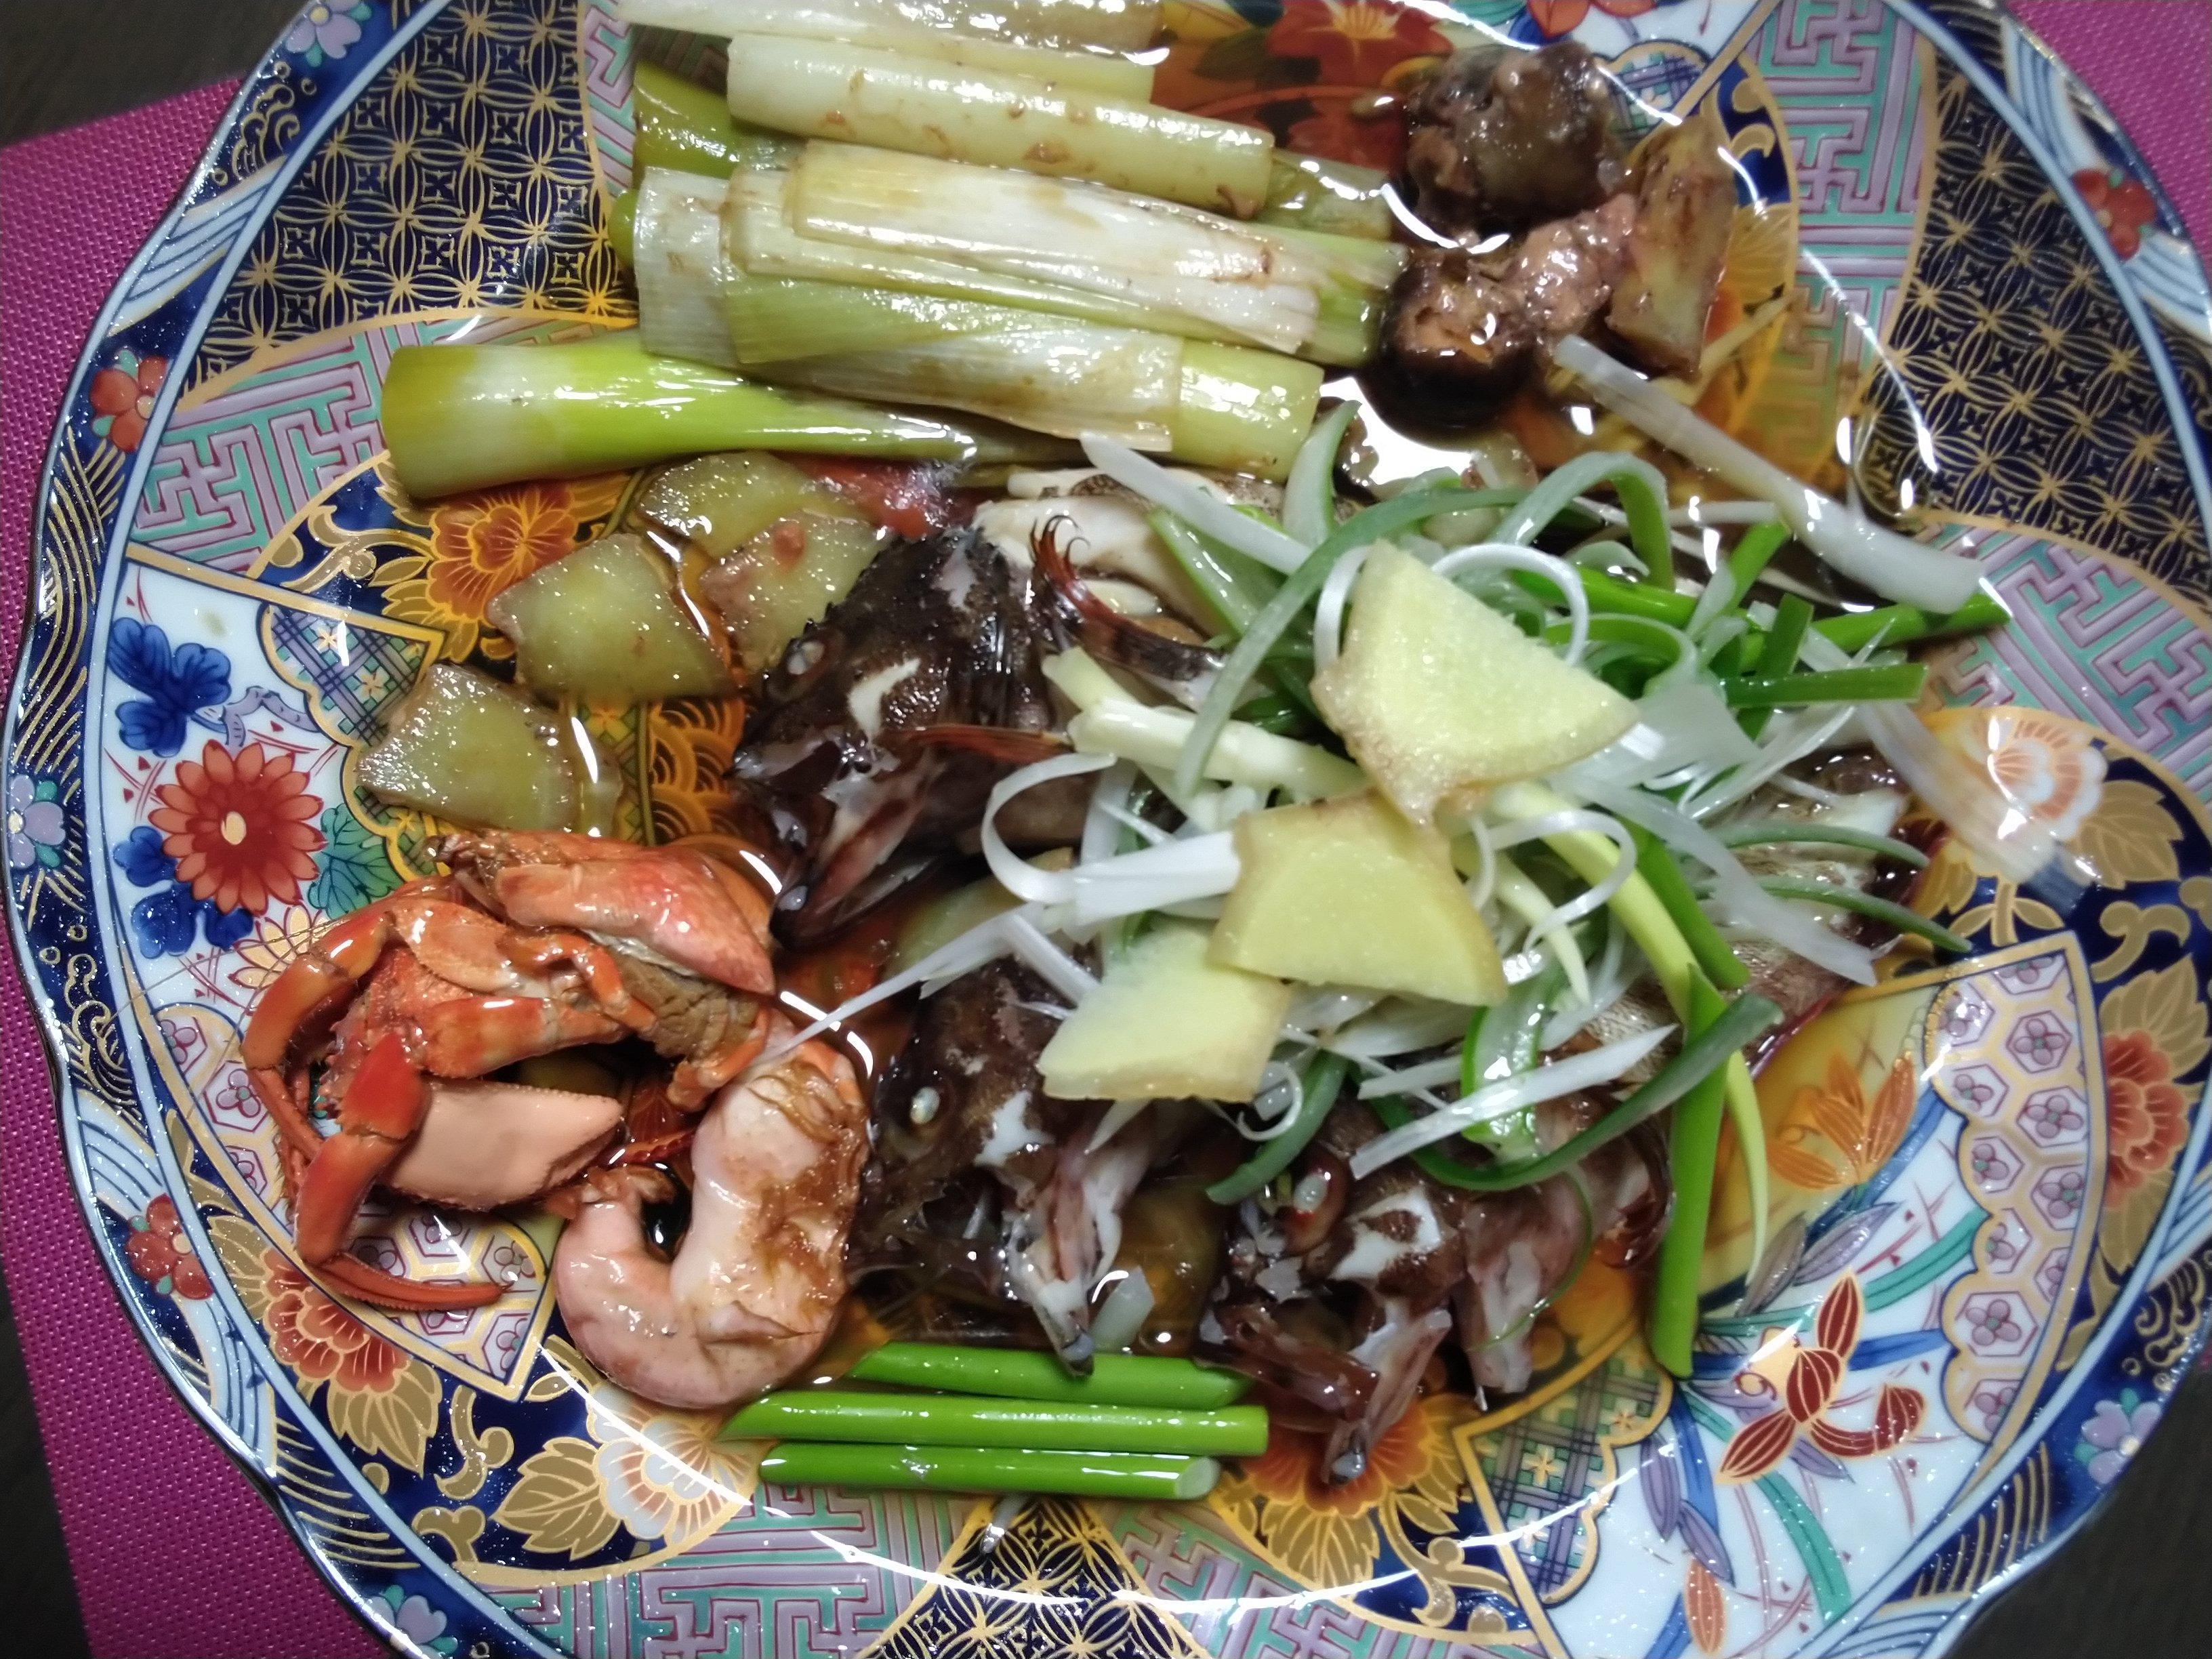 (材料)カサゴ3匹、ヤドカリ、白髪葱、生姜(調味料)Aサラダ油、ゴマ油、B料理酒、オイスターソース、醤油(調理法)魚処理後蒸し器に長葱を敷きその上にカサゴ、ヤドカリを並べます。上と身の中に生姜をいれます。蒸します。魚を取り出し、魚から出たスープとBの調味料を混ぜてソースを作ります。盛付けて白髪葱、生姜スライスを乗せ、熱々のA油を適量ジュジュー!とかけます。スープBを回りにかけて出来上がり。